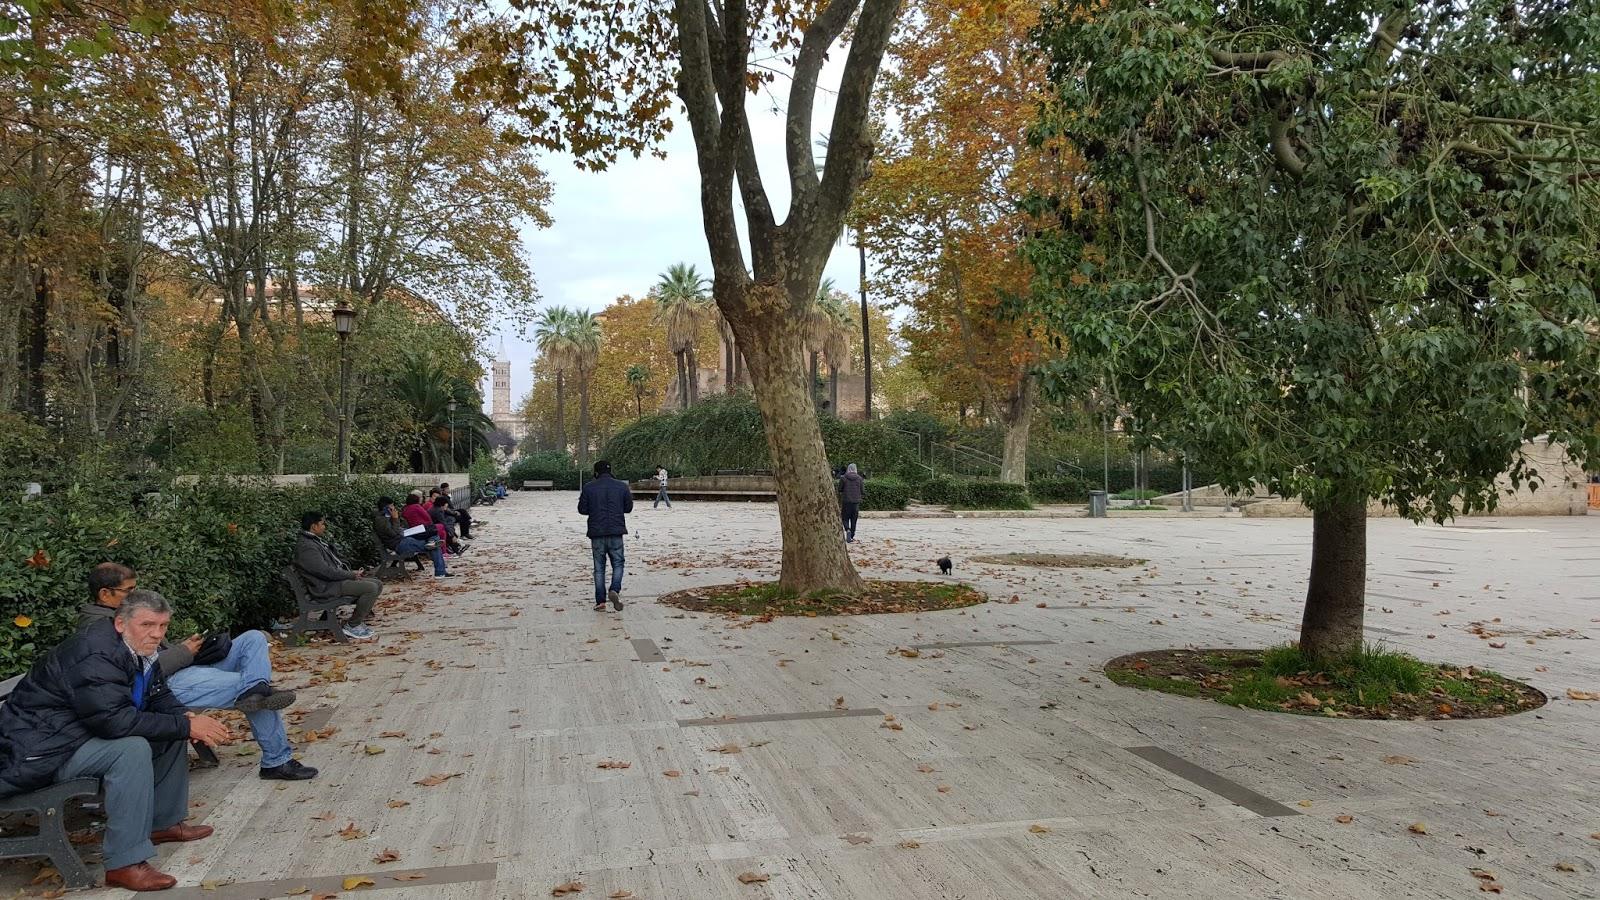 Progettare Il Giardino Da Soli : Roma fa schifo: video. 3 milioni per piazza vittorio. ma al giardino